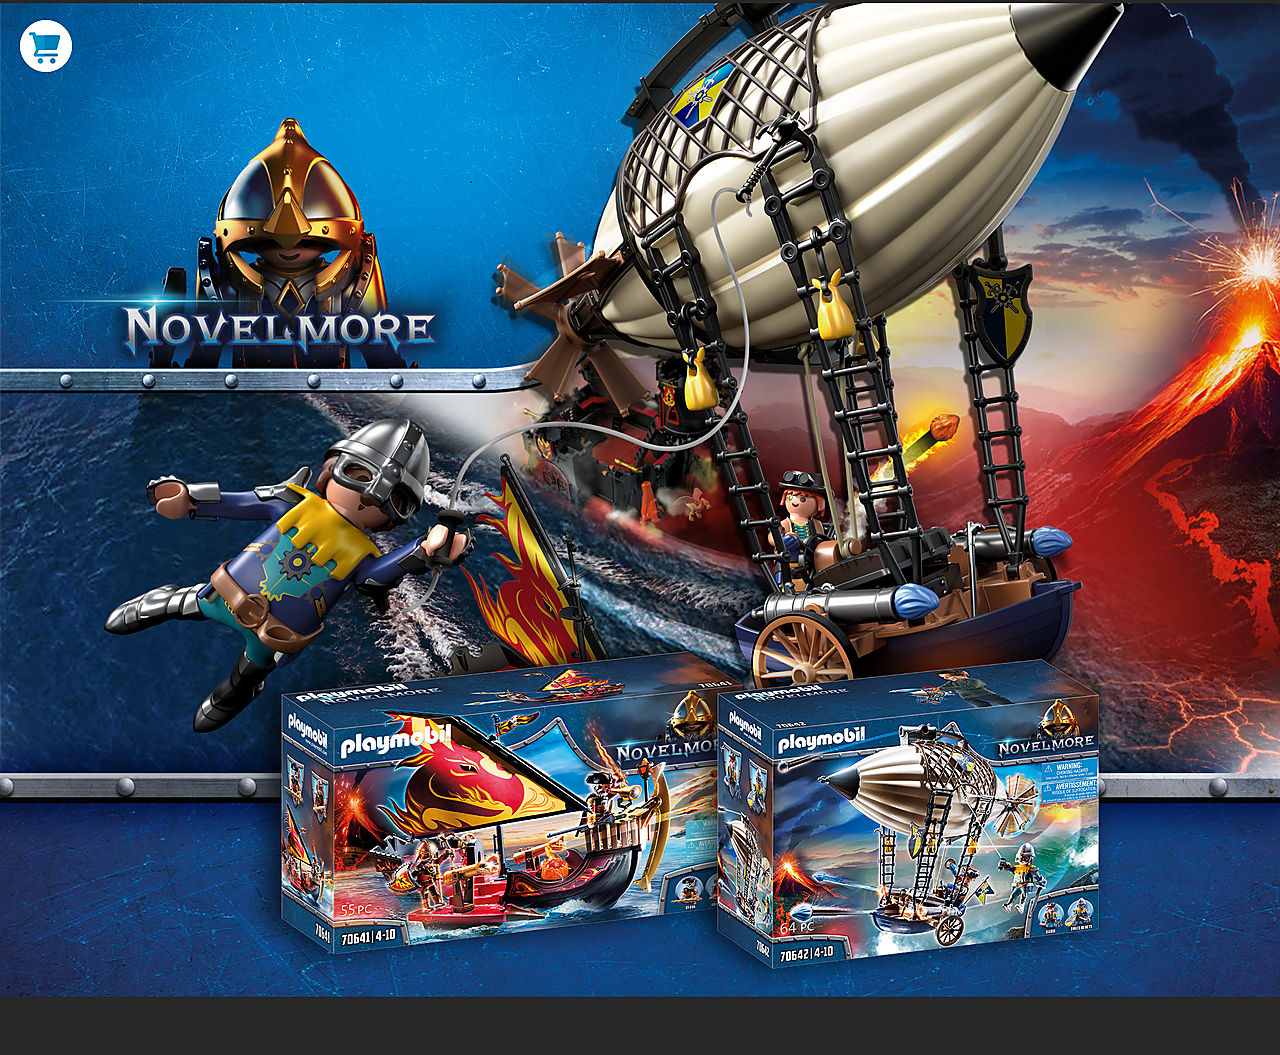 Novelmore